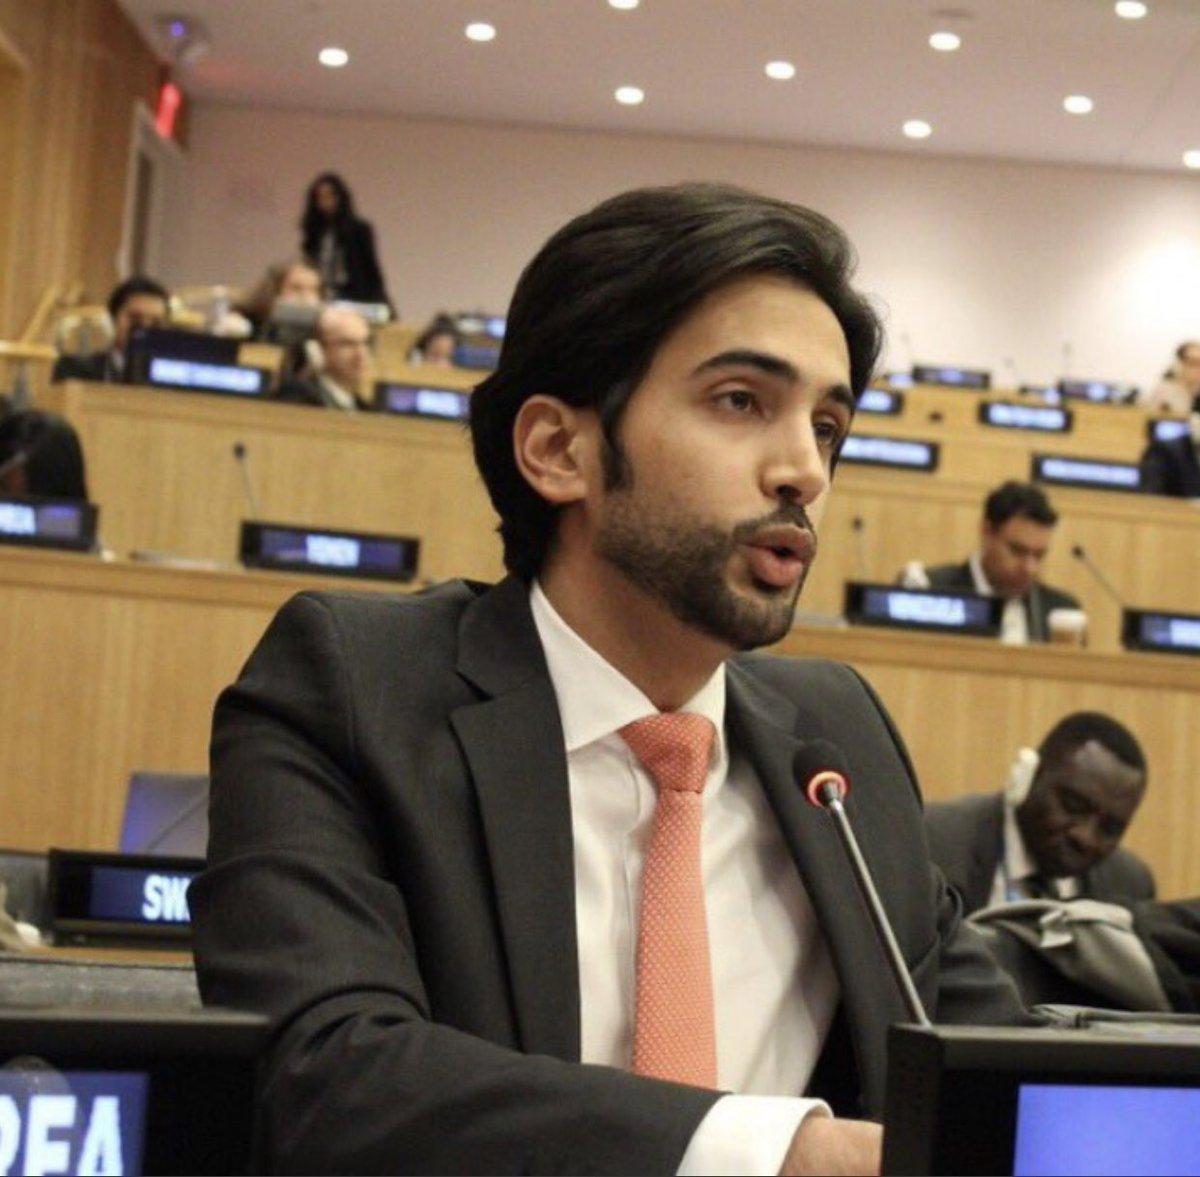 دولة قطر نائبا لرئيس اللجنة الثانية التابعة للجمعية العامة للأمم المتحدة ومقررا للجنتها السادسة القانونية